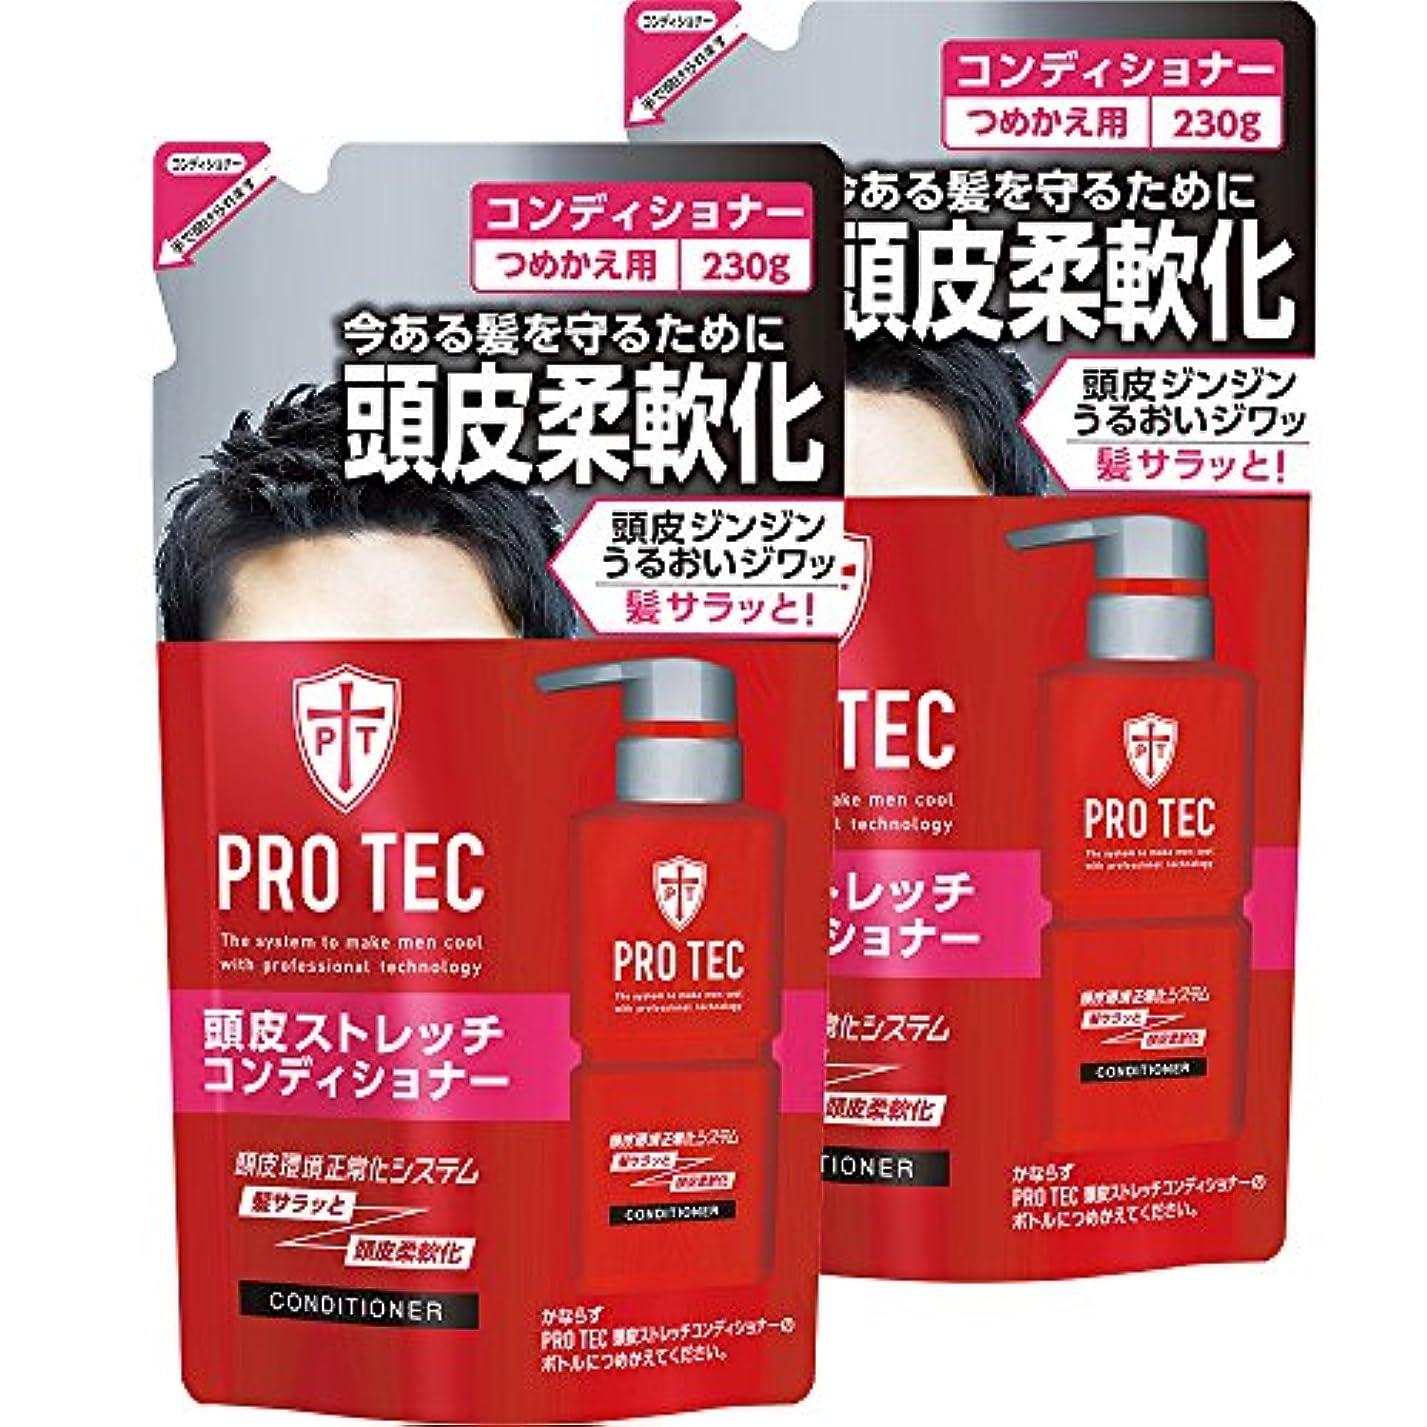 行商人りんご月曜日【まとめ買い】PRO TEC(プロテク) 頭皮ストレッチ コンディショナー 詰め替え 230g×2個パック(医薬部外品)